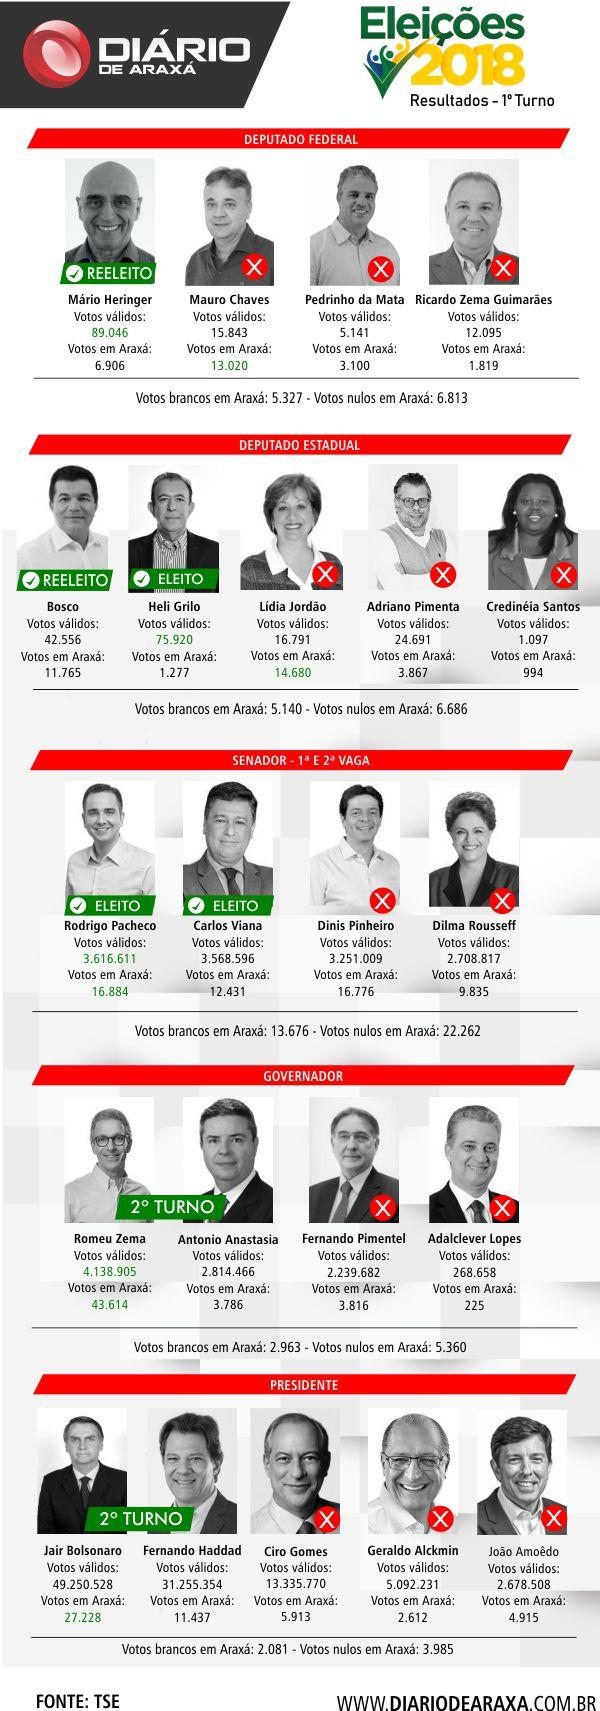 Apuração ao vivo - Eleições 2018 1